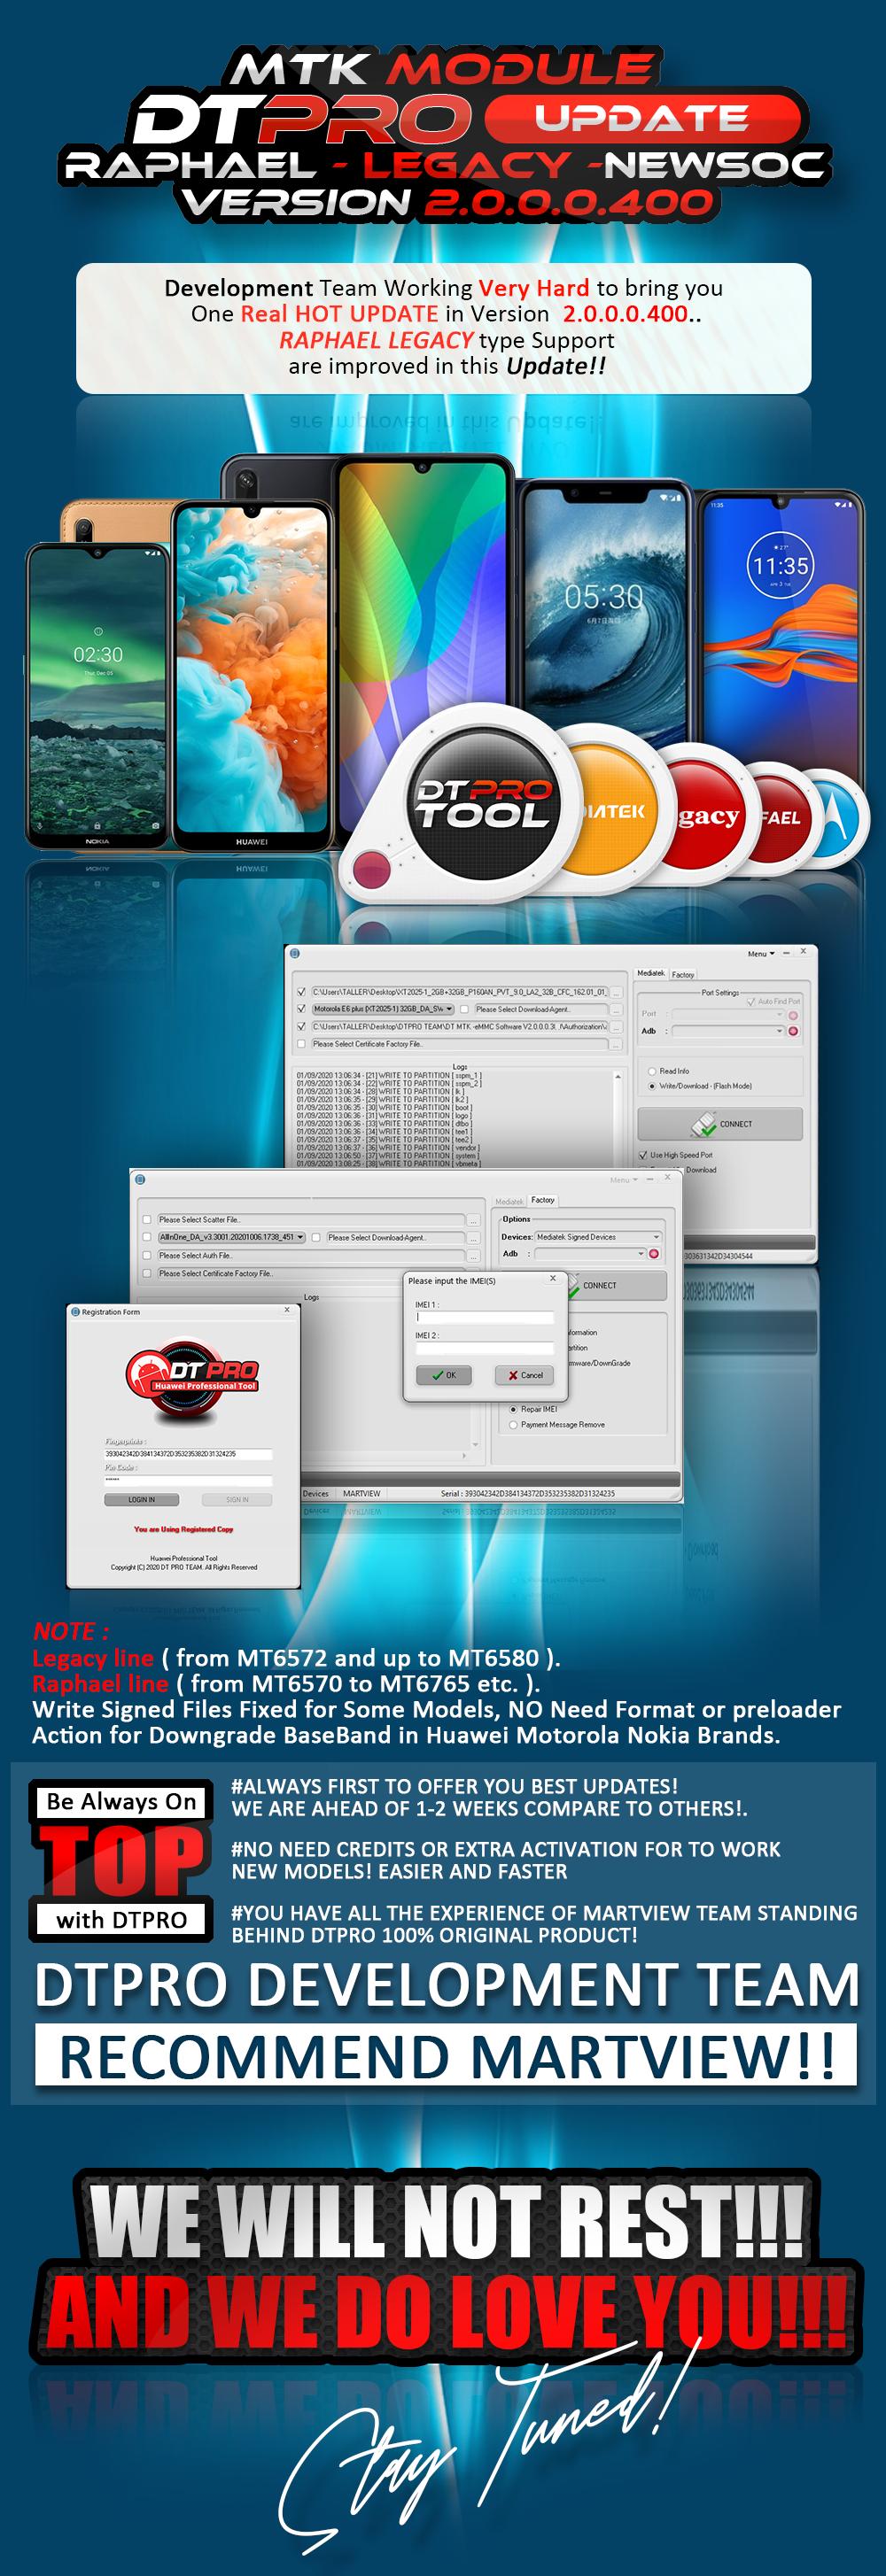 DT MTK -eMMC Software V2.0.0.0.400  New models and SOC Support